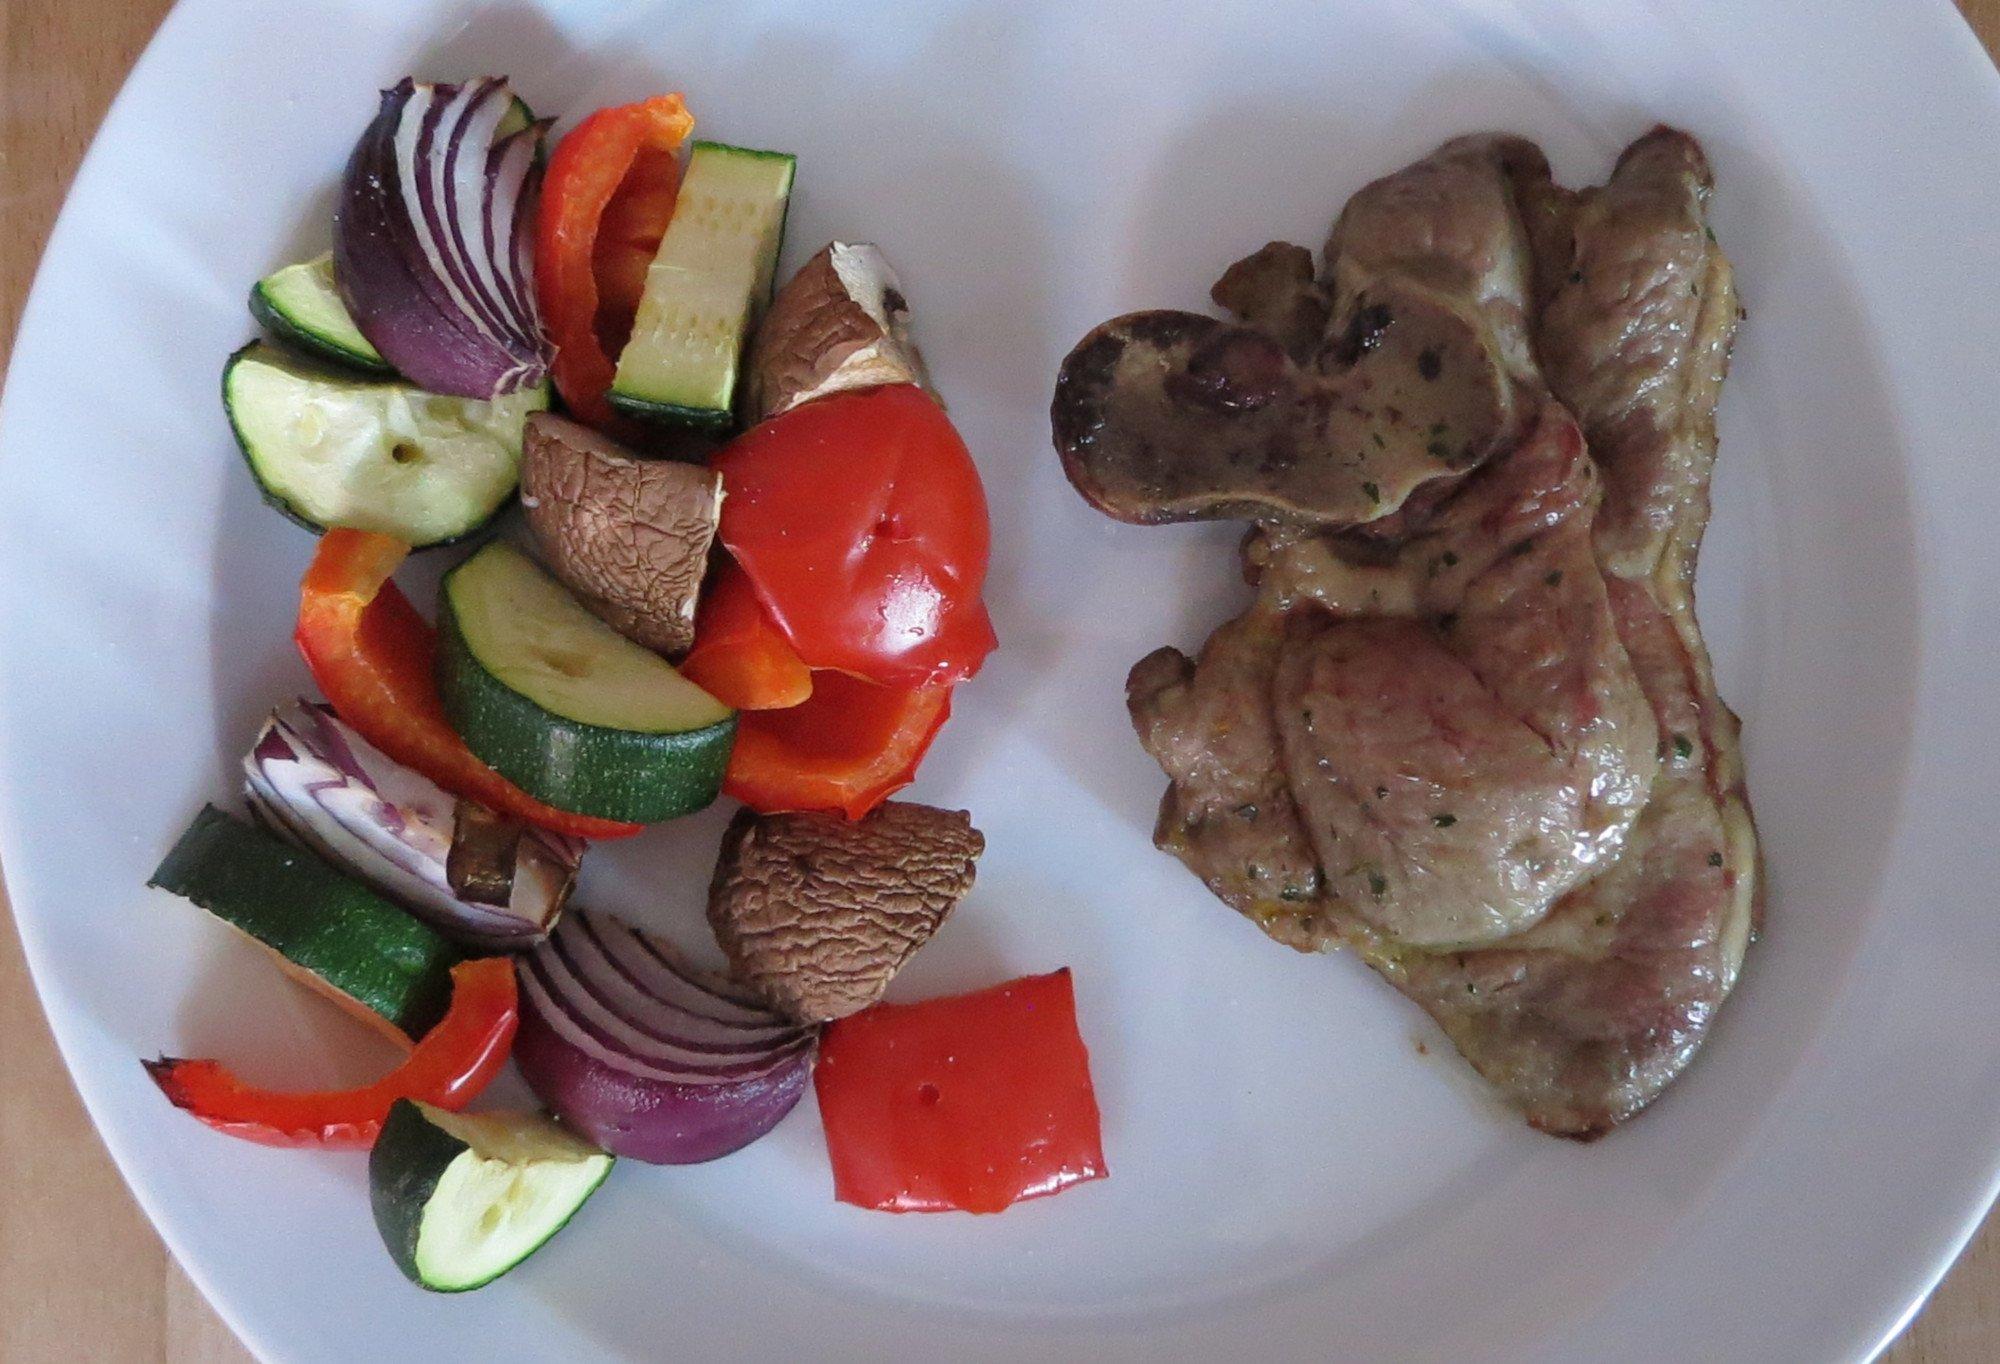 Das Ergebnis kann sich sehen lassen (und schmeckt auch vorzüglich): Grillfleisch und Gemüse aus der Heißluftfritteuse Philips Airfryer Avance XXL (Bild: Peter Giesecke)